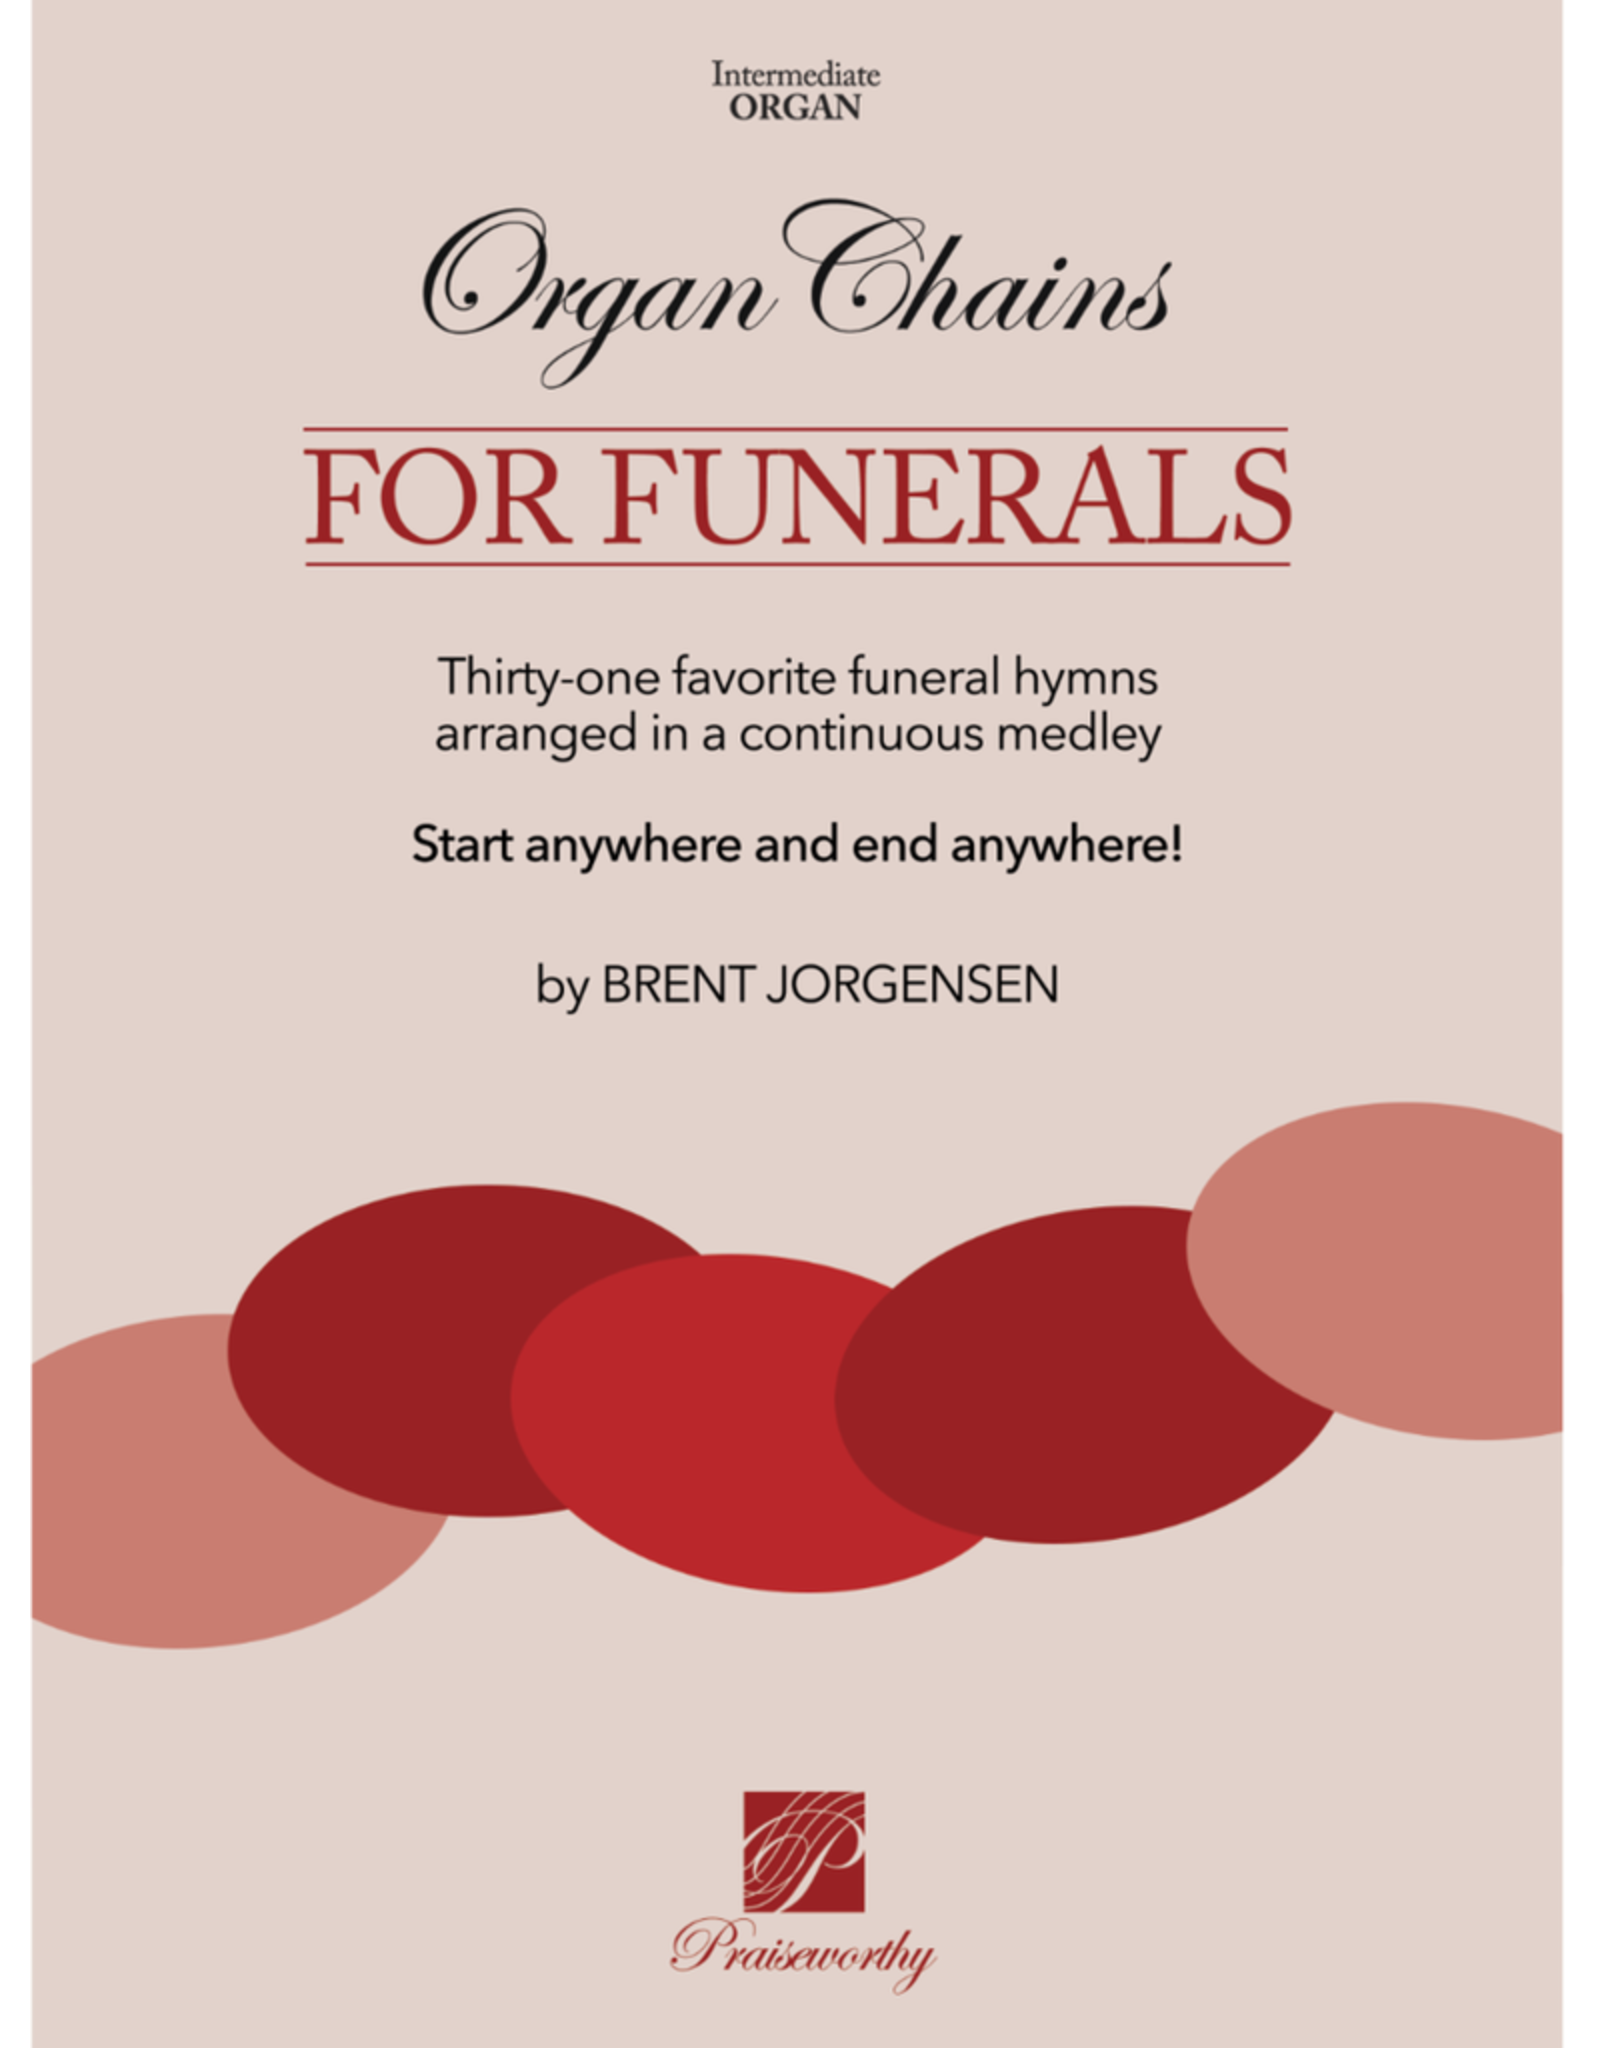 Jackman Music Organ Chains for Funerals by Brent Jorgensen